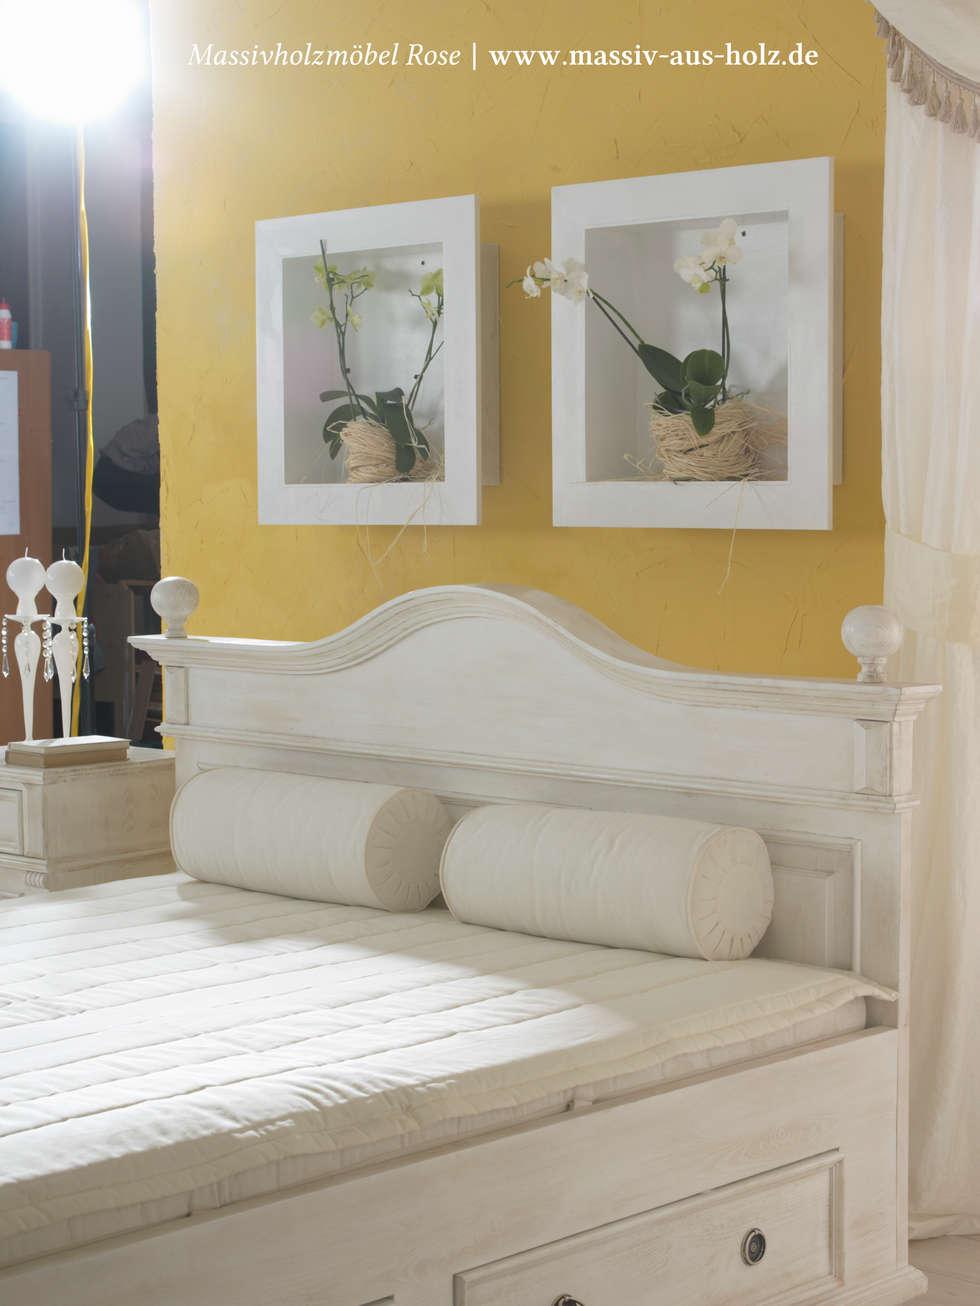 Elegant Massiv Aus Holz Sammlung Von Bett | Weiß & Holz: Mediterrane Schlafzimmer